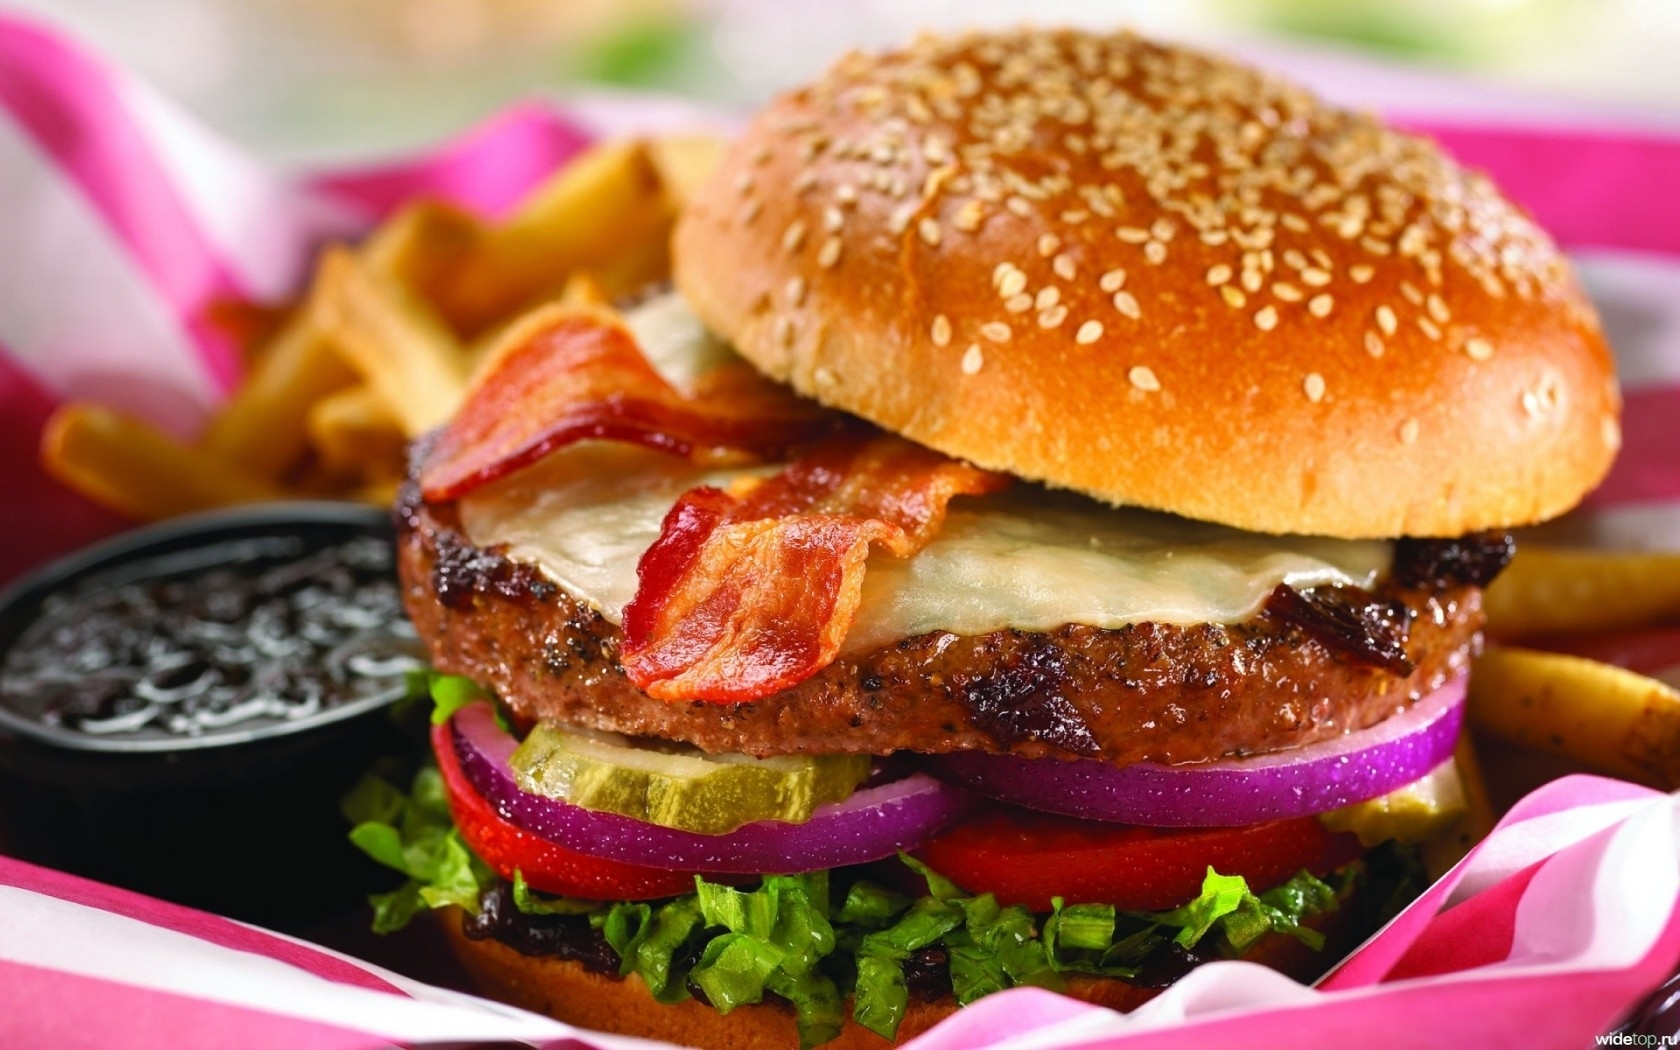 yummy-fast-food-fast-food-33414472-1680-1050 (1)